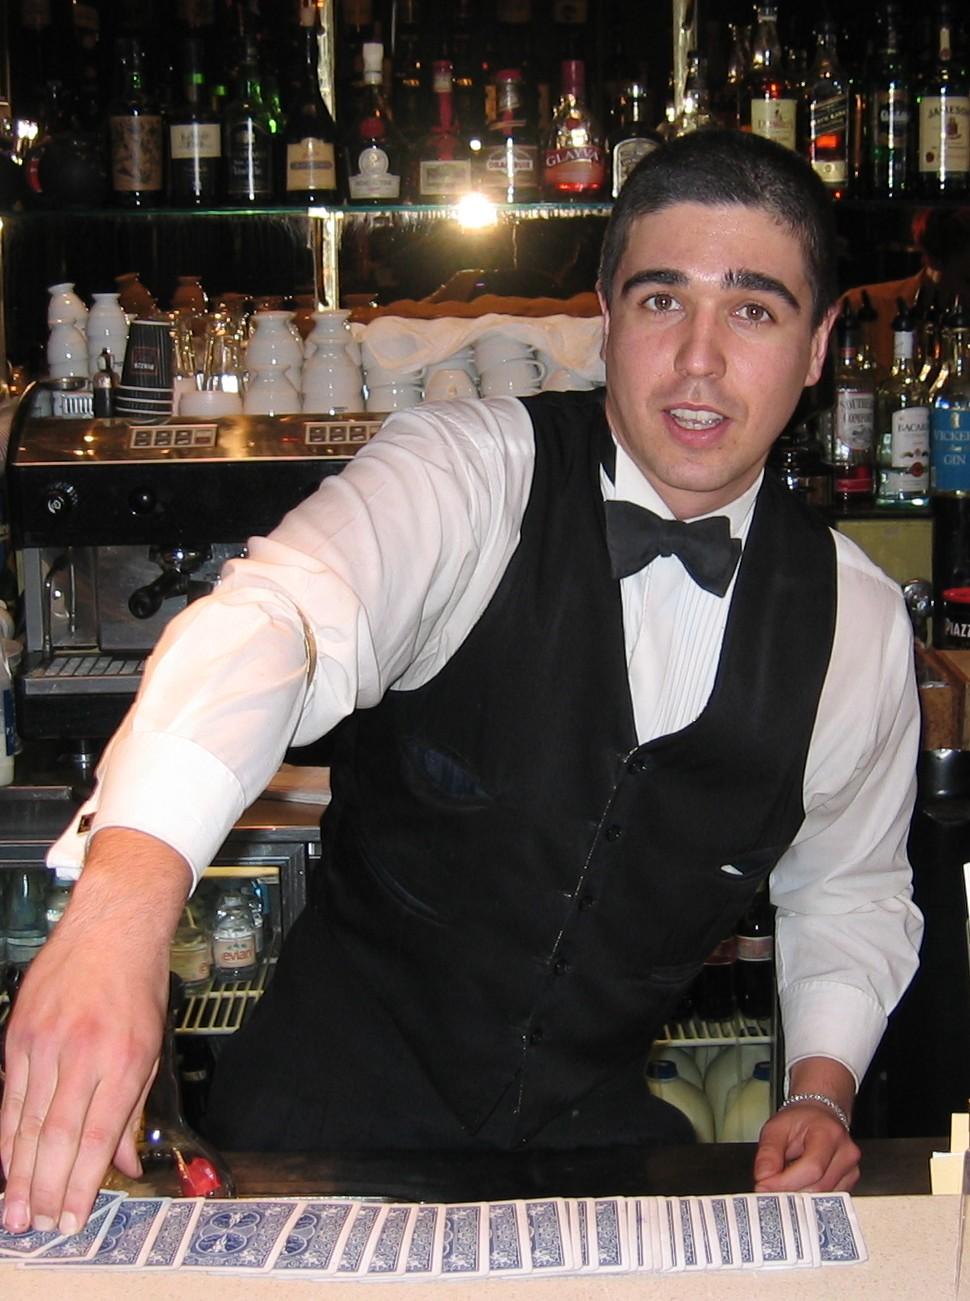 Ben Hutton is Melbournes premiere roving magician.